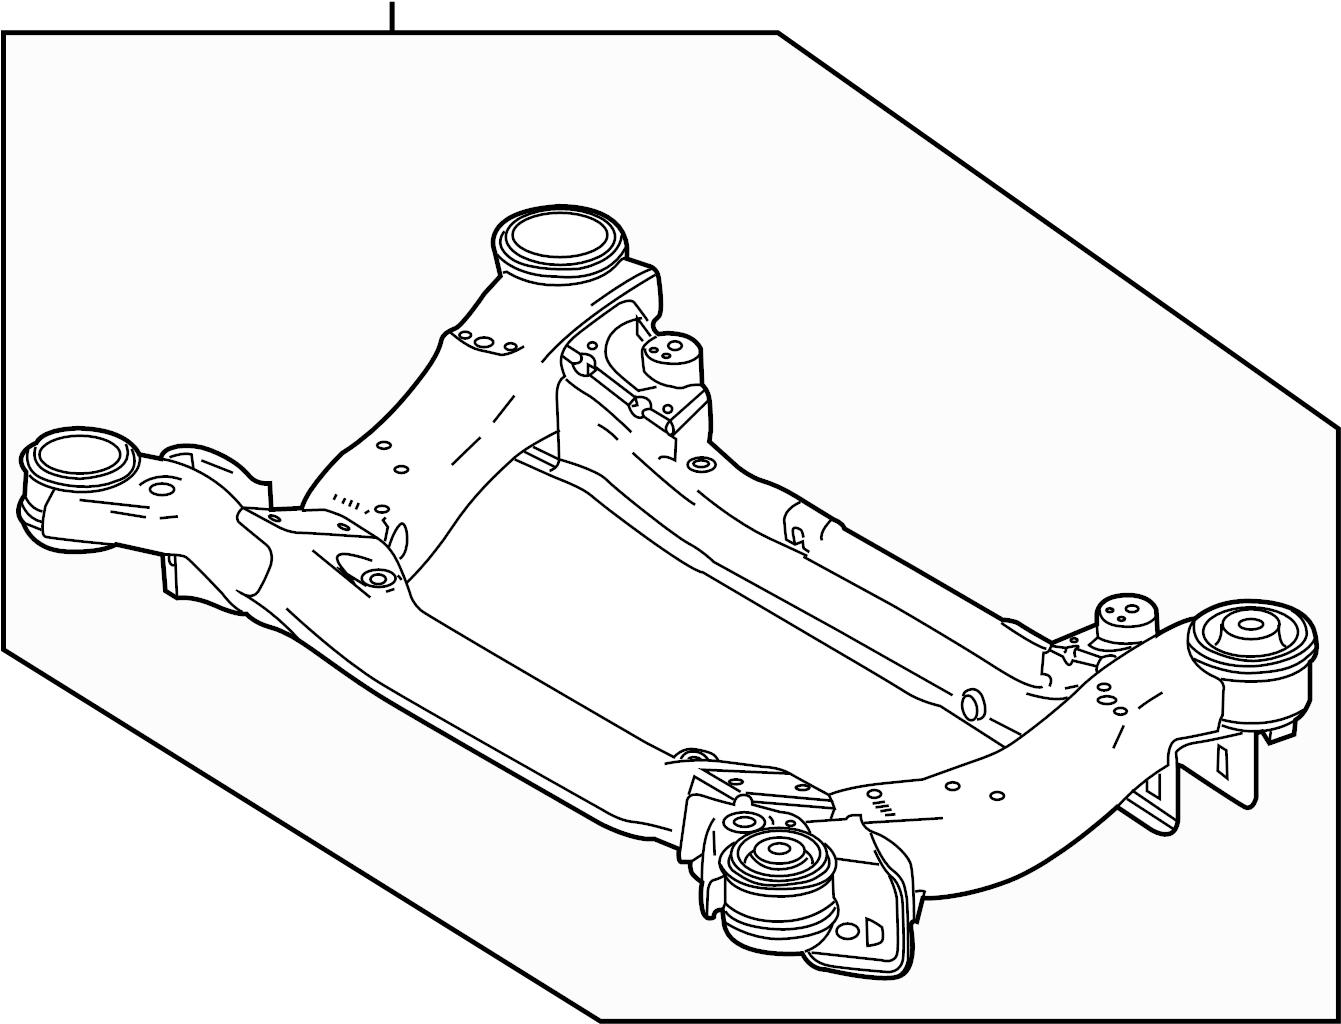 Jaguar Xjr Engine Cradle Engine Cradle Frame Suspension